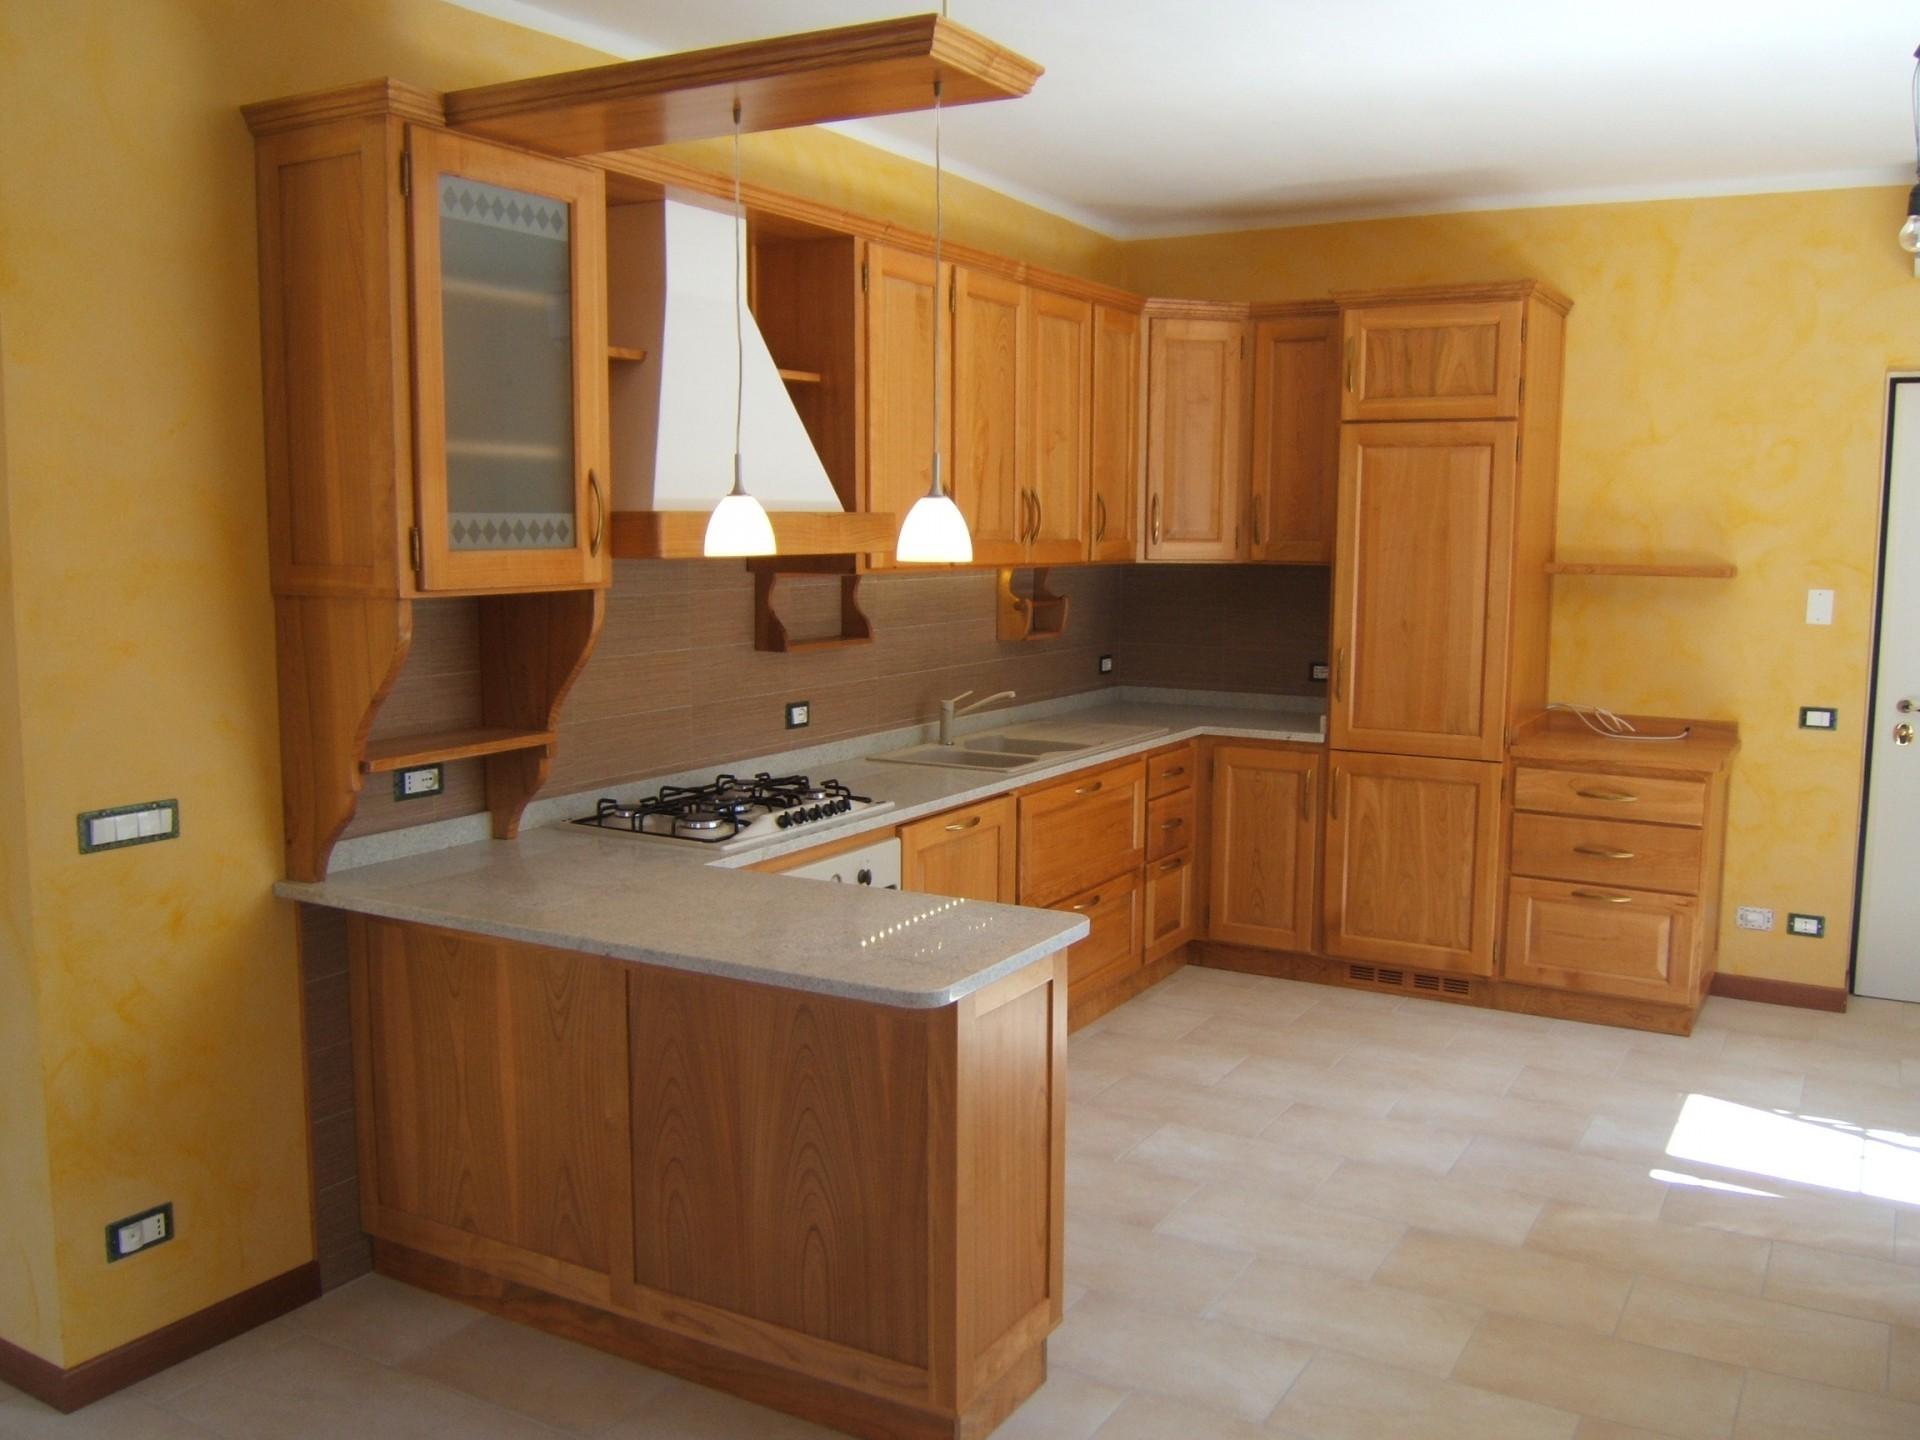 Cucine classiche artigianali in legno fadini mobili cerea verona for Cucine moderne color ciliegio